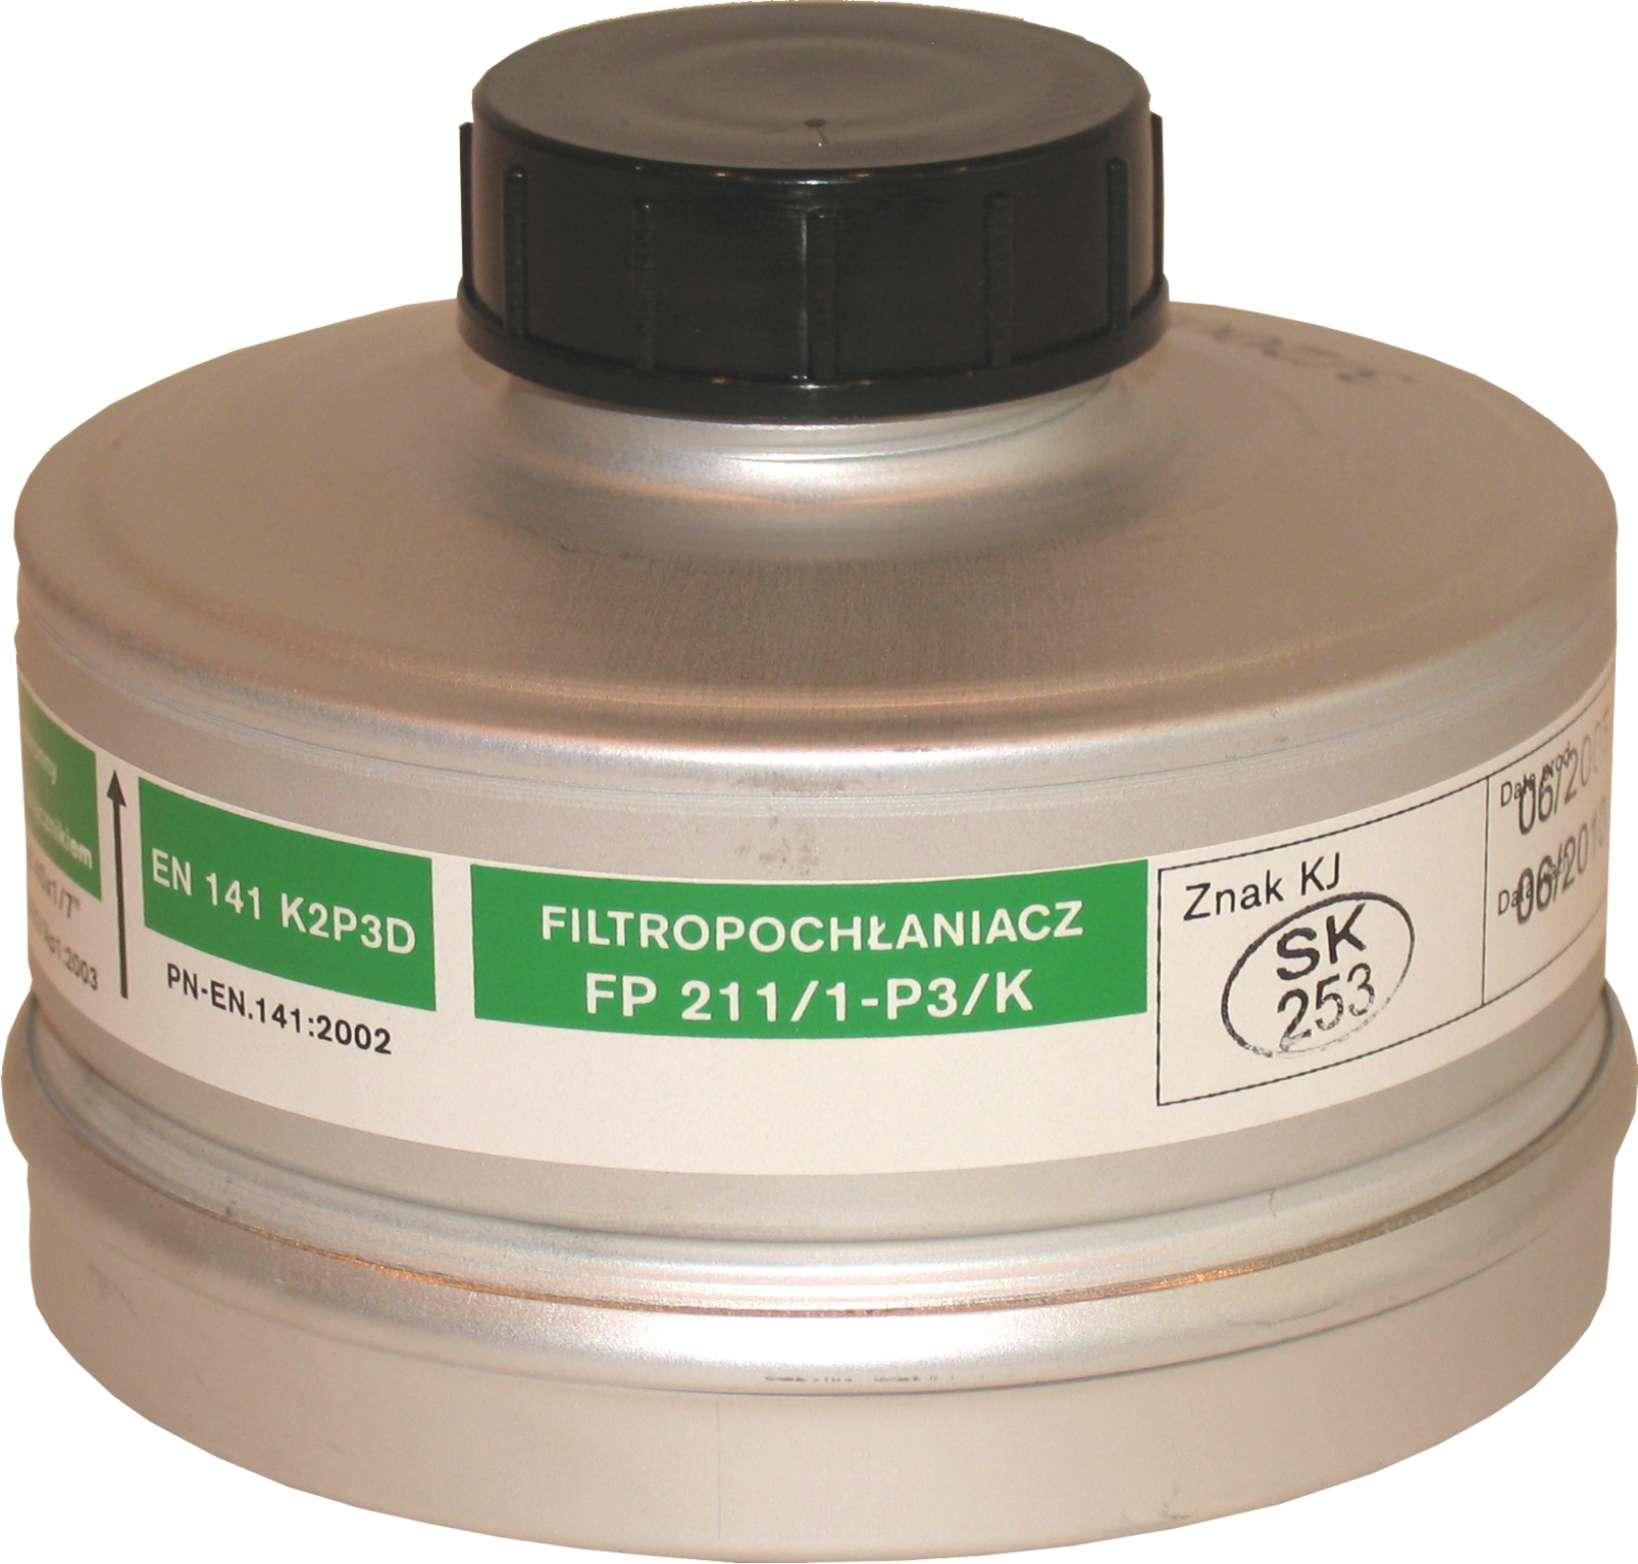 Filtropochłaniacz FP 211/1-P3/K